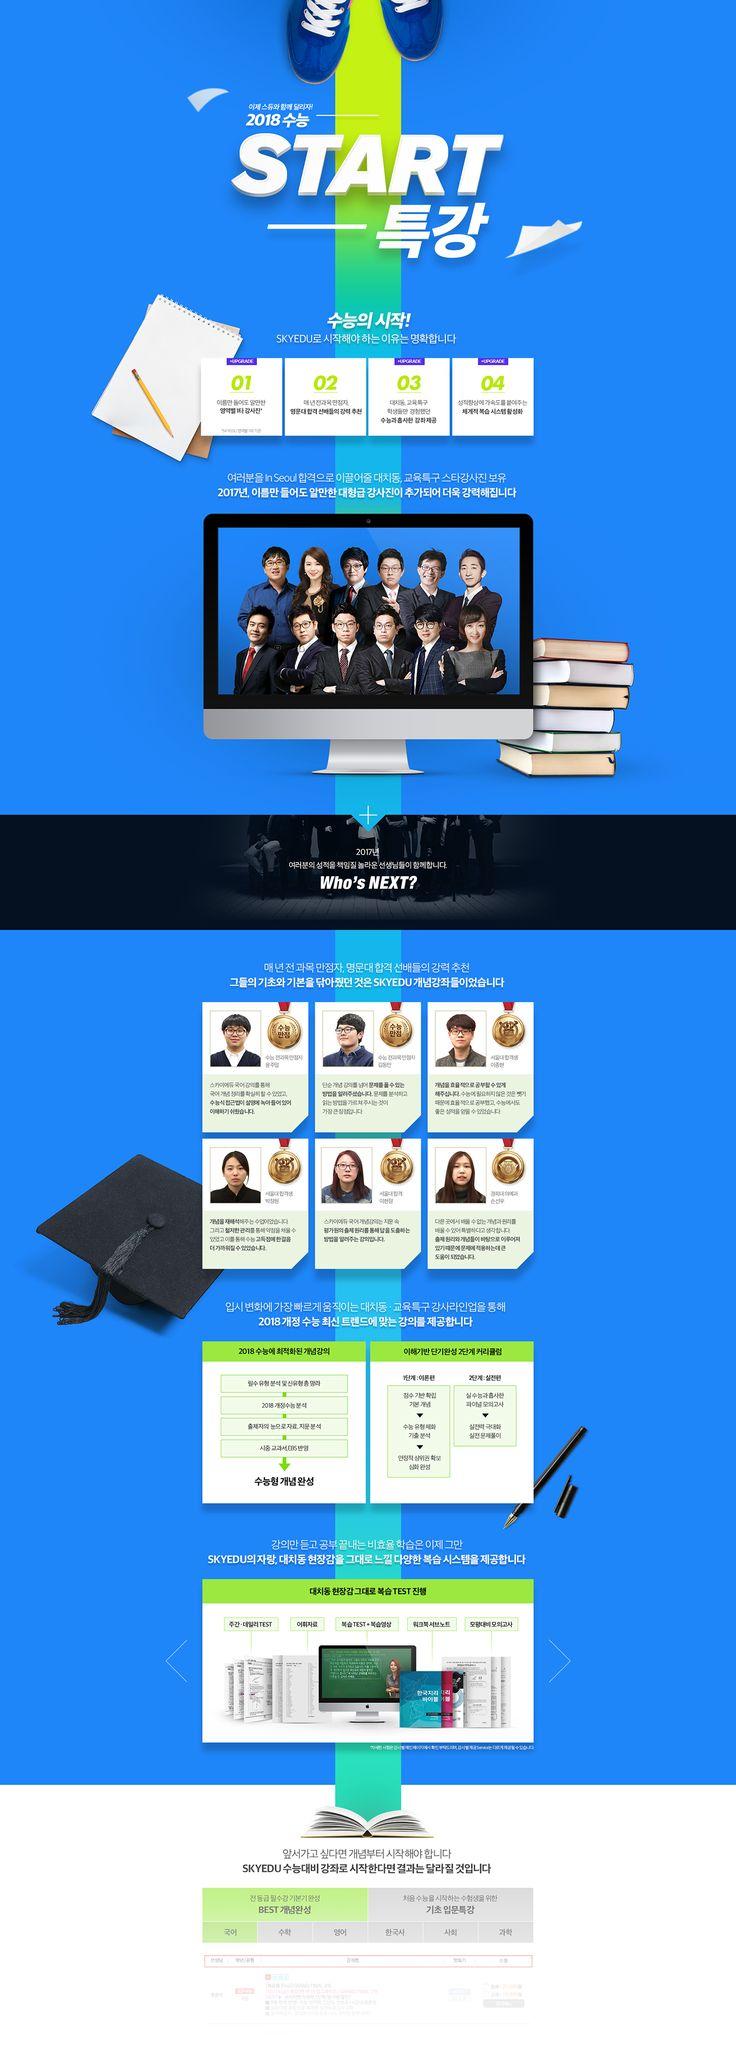 수능 START 특강 promotion site on Behance